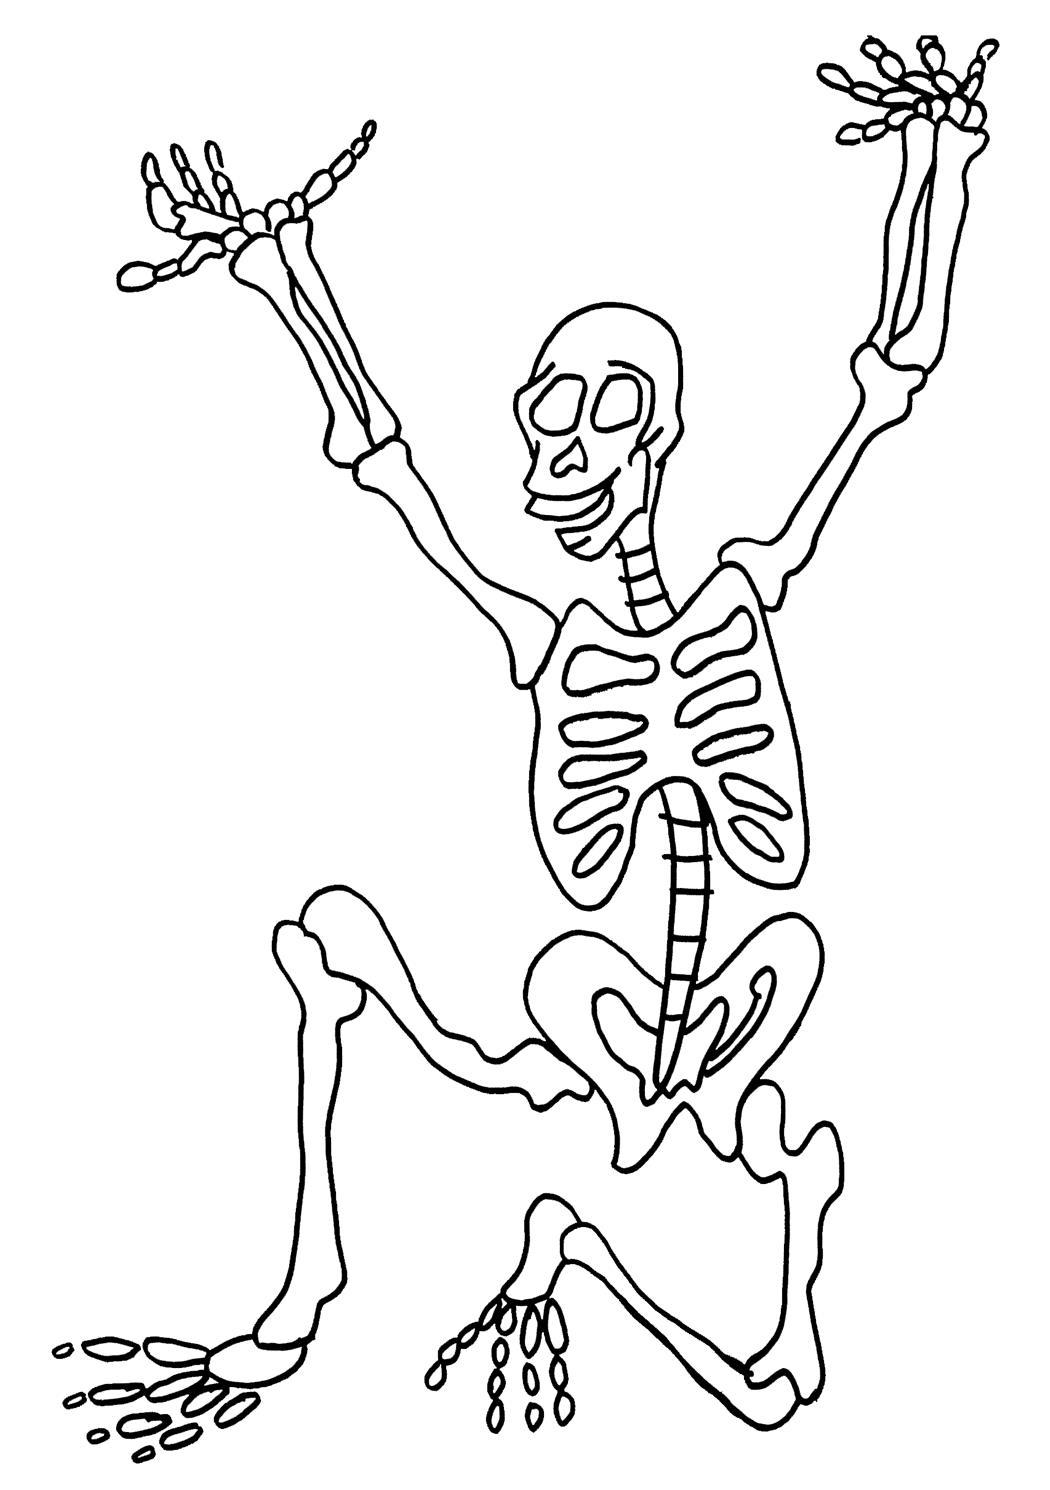 Скелет присел и вытянул руки вверх Раскраски для мальчиков бесплатно